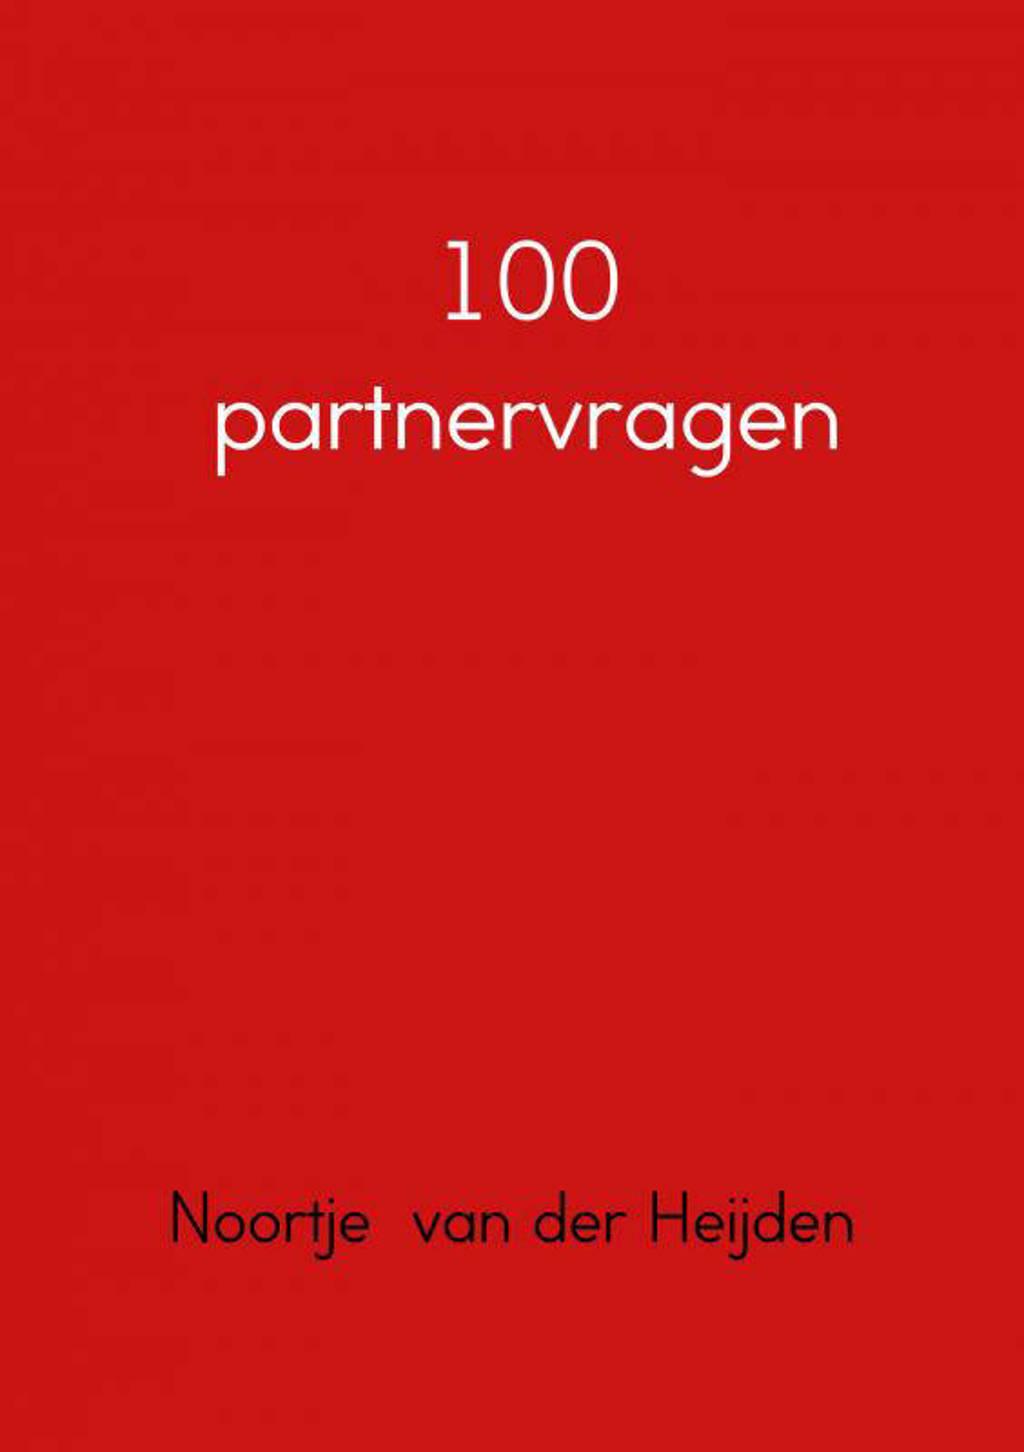 100 partnervragen - Noortje van der Heijden